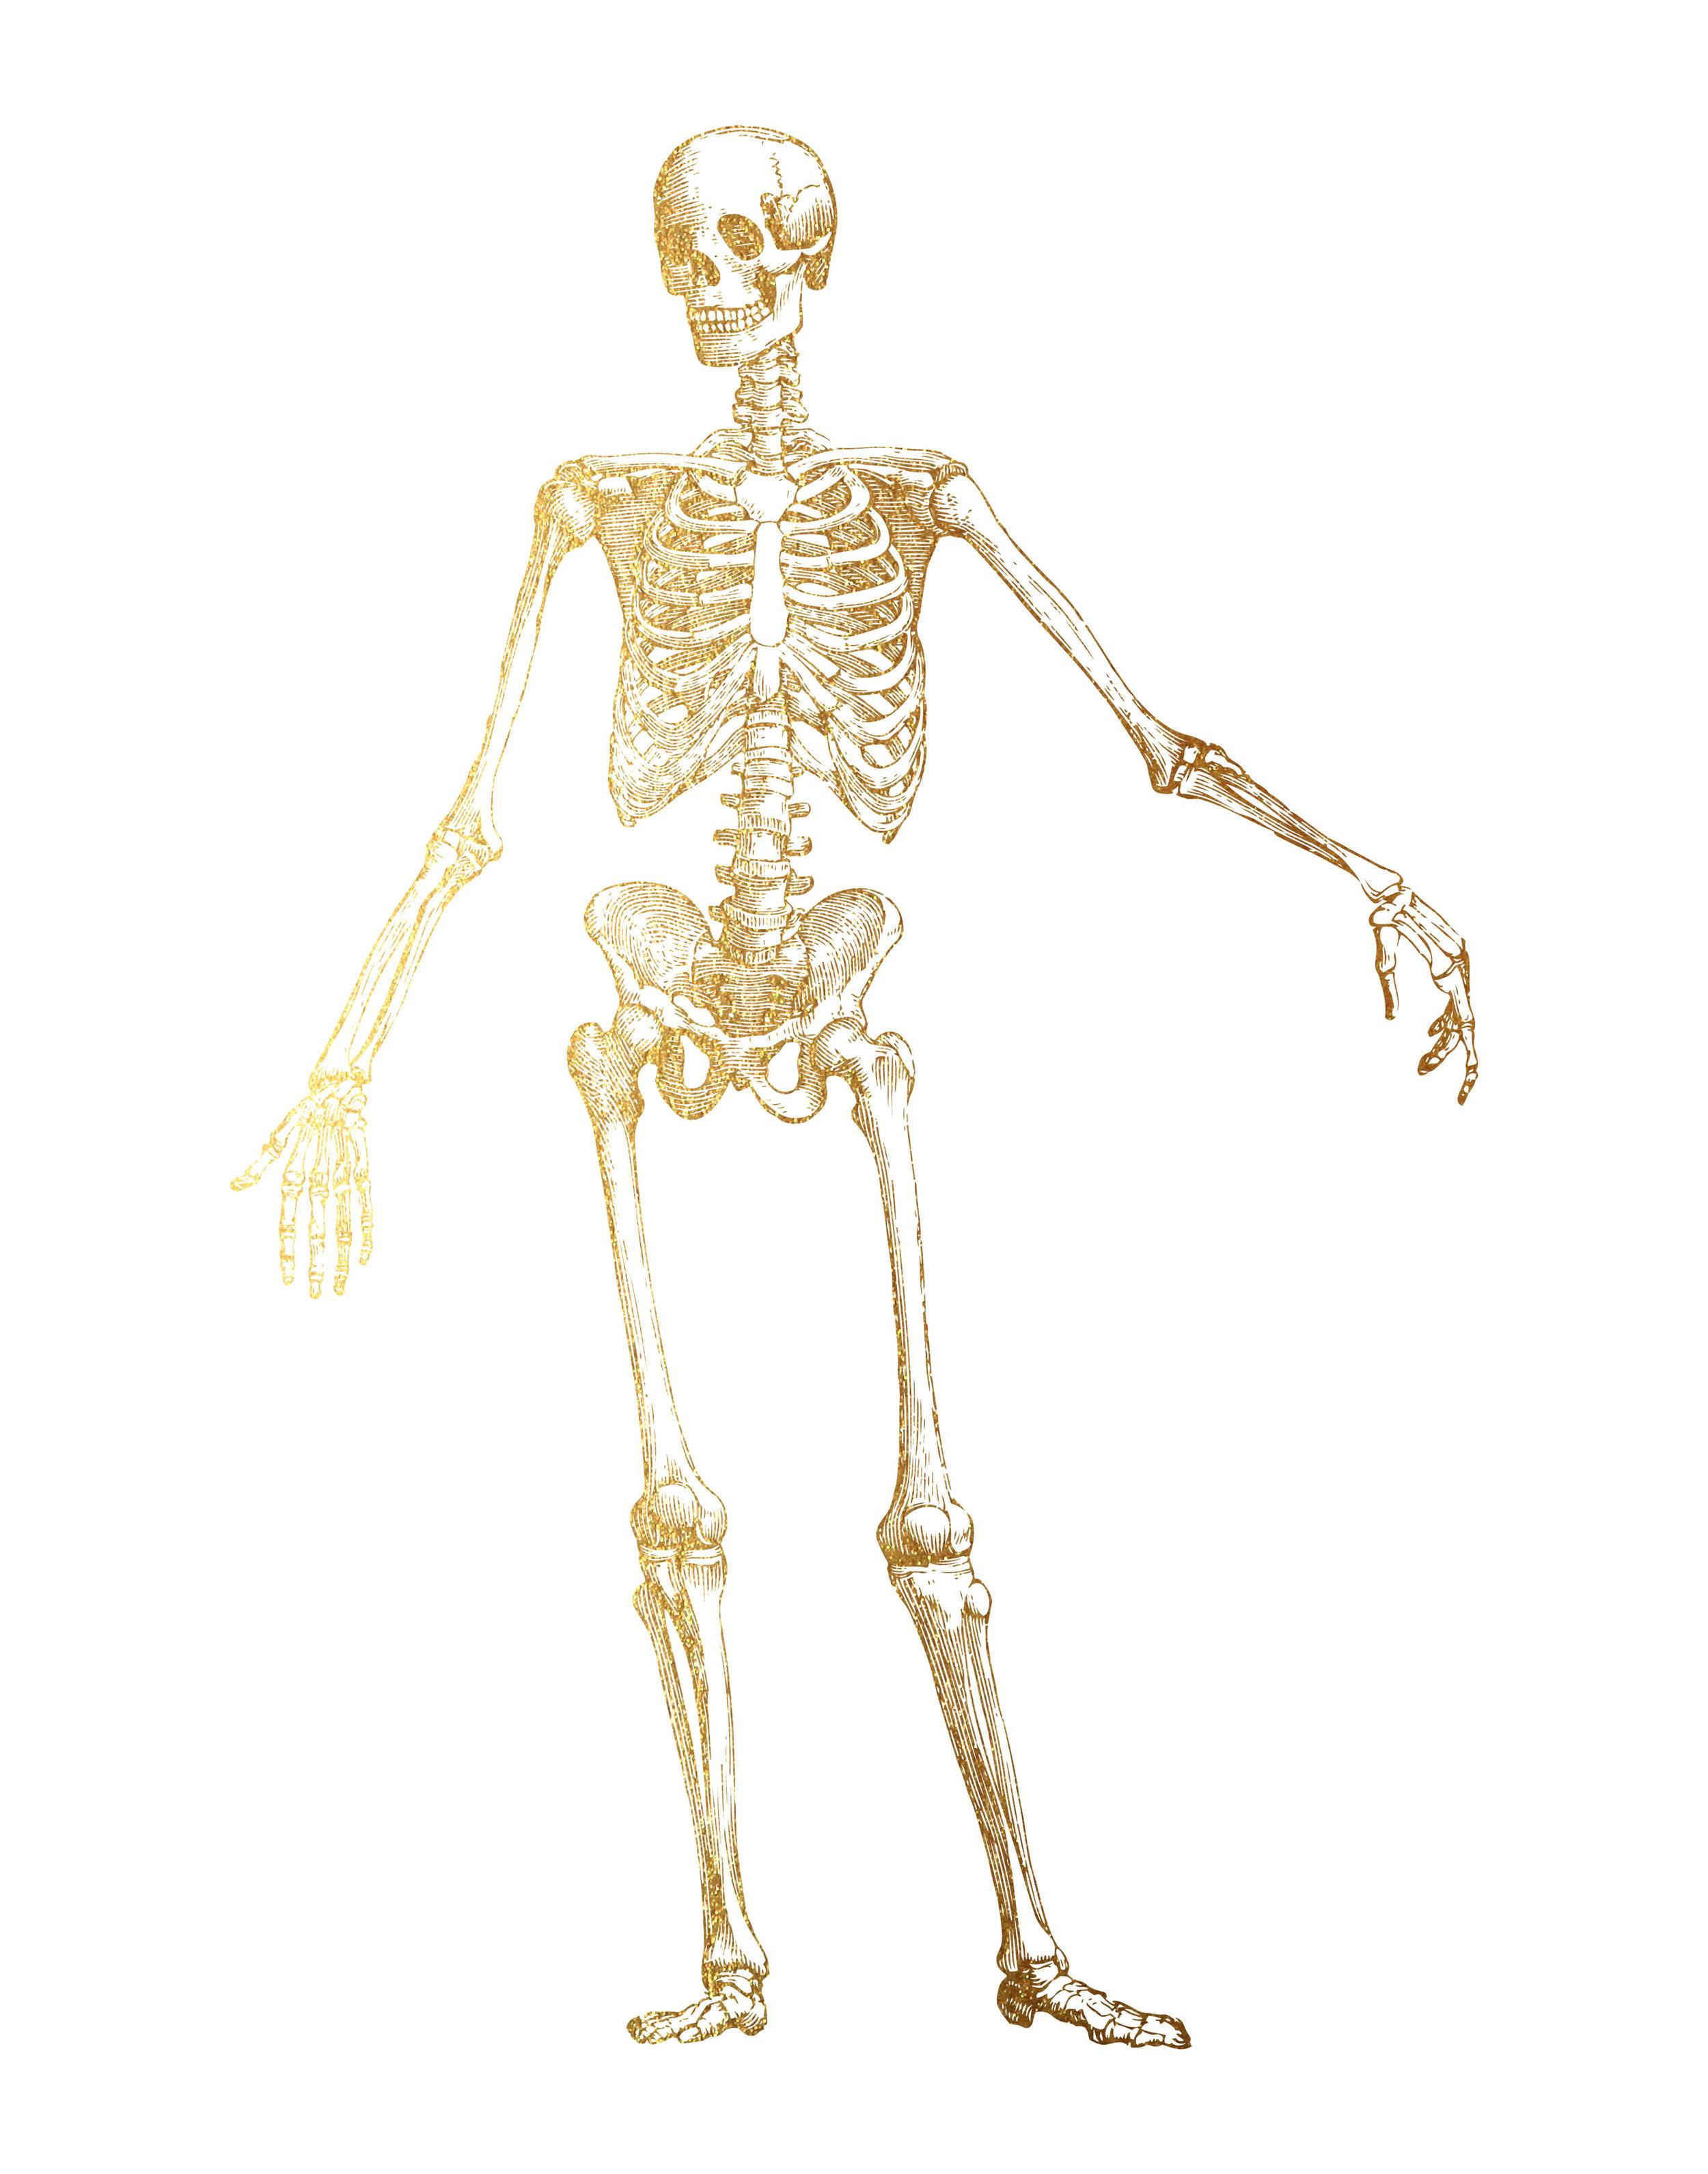 anatomyskeleton11x14.jpg